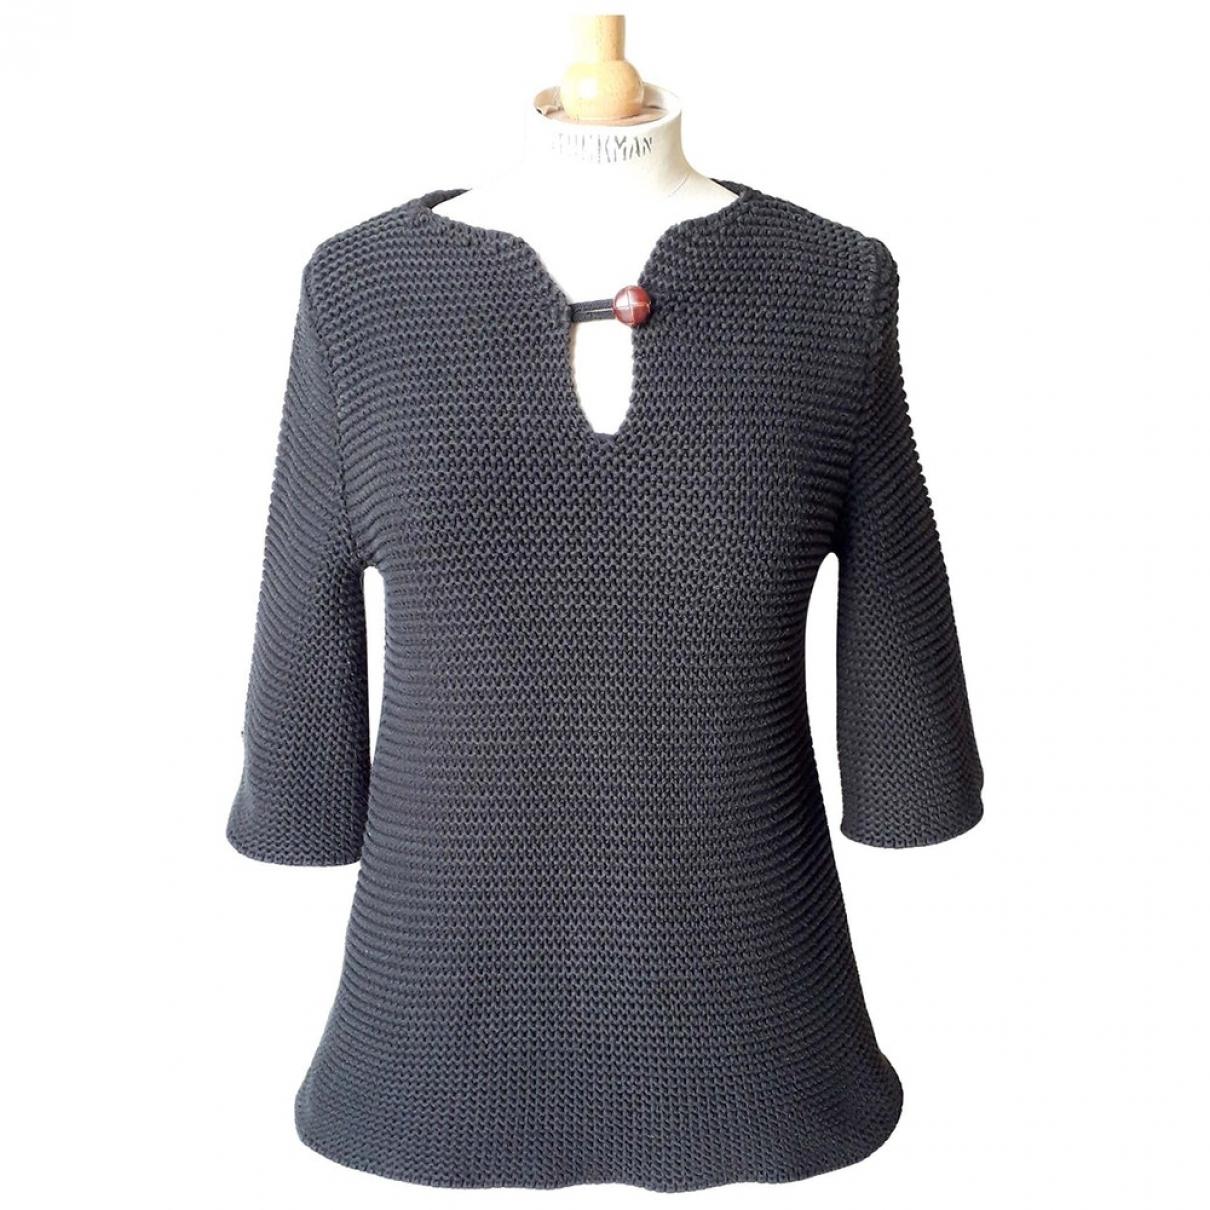 Gat Rimon \N Pullover in  Schwarz Baumwolle